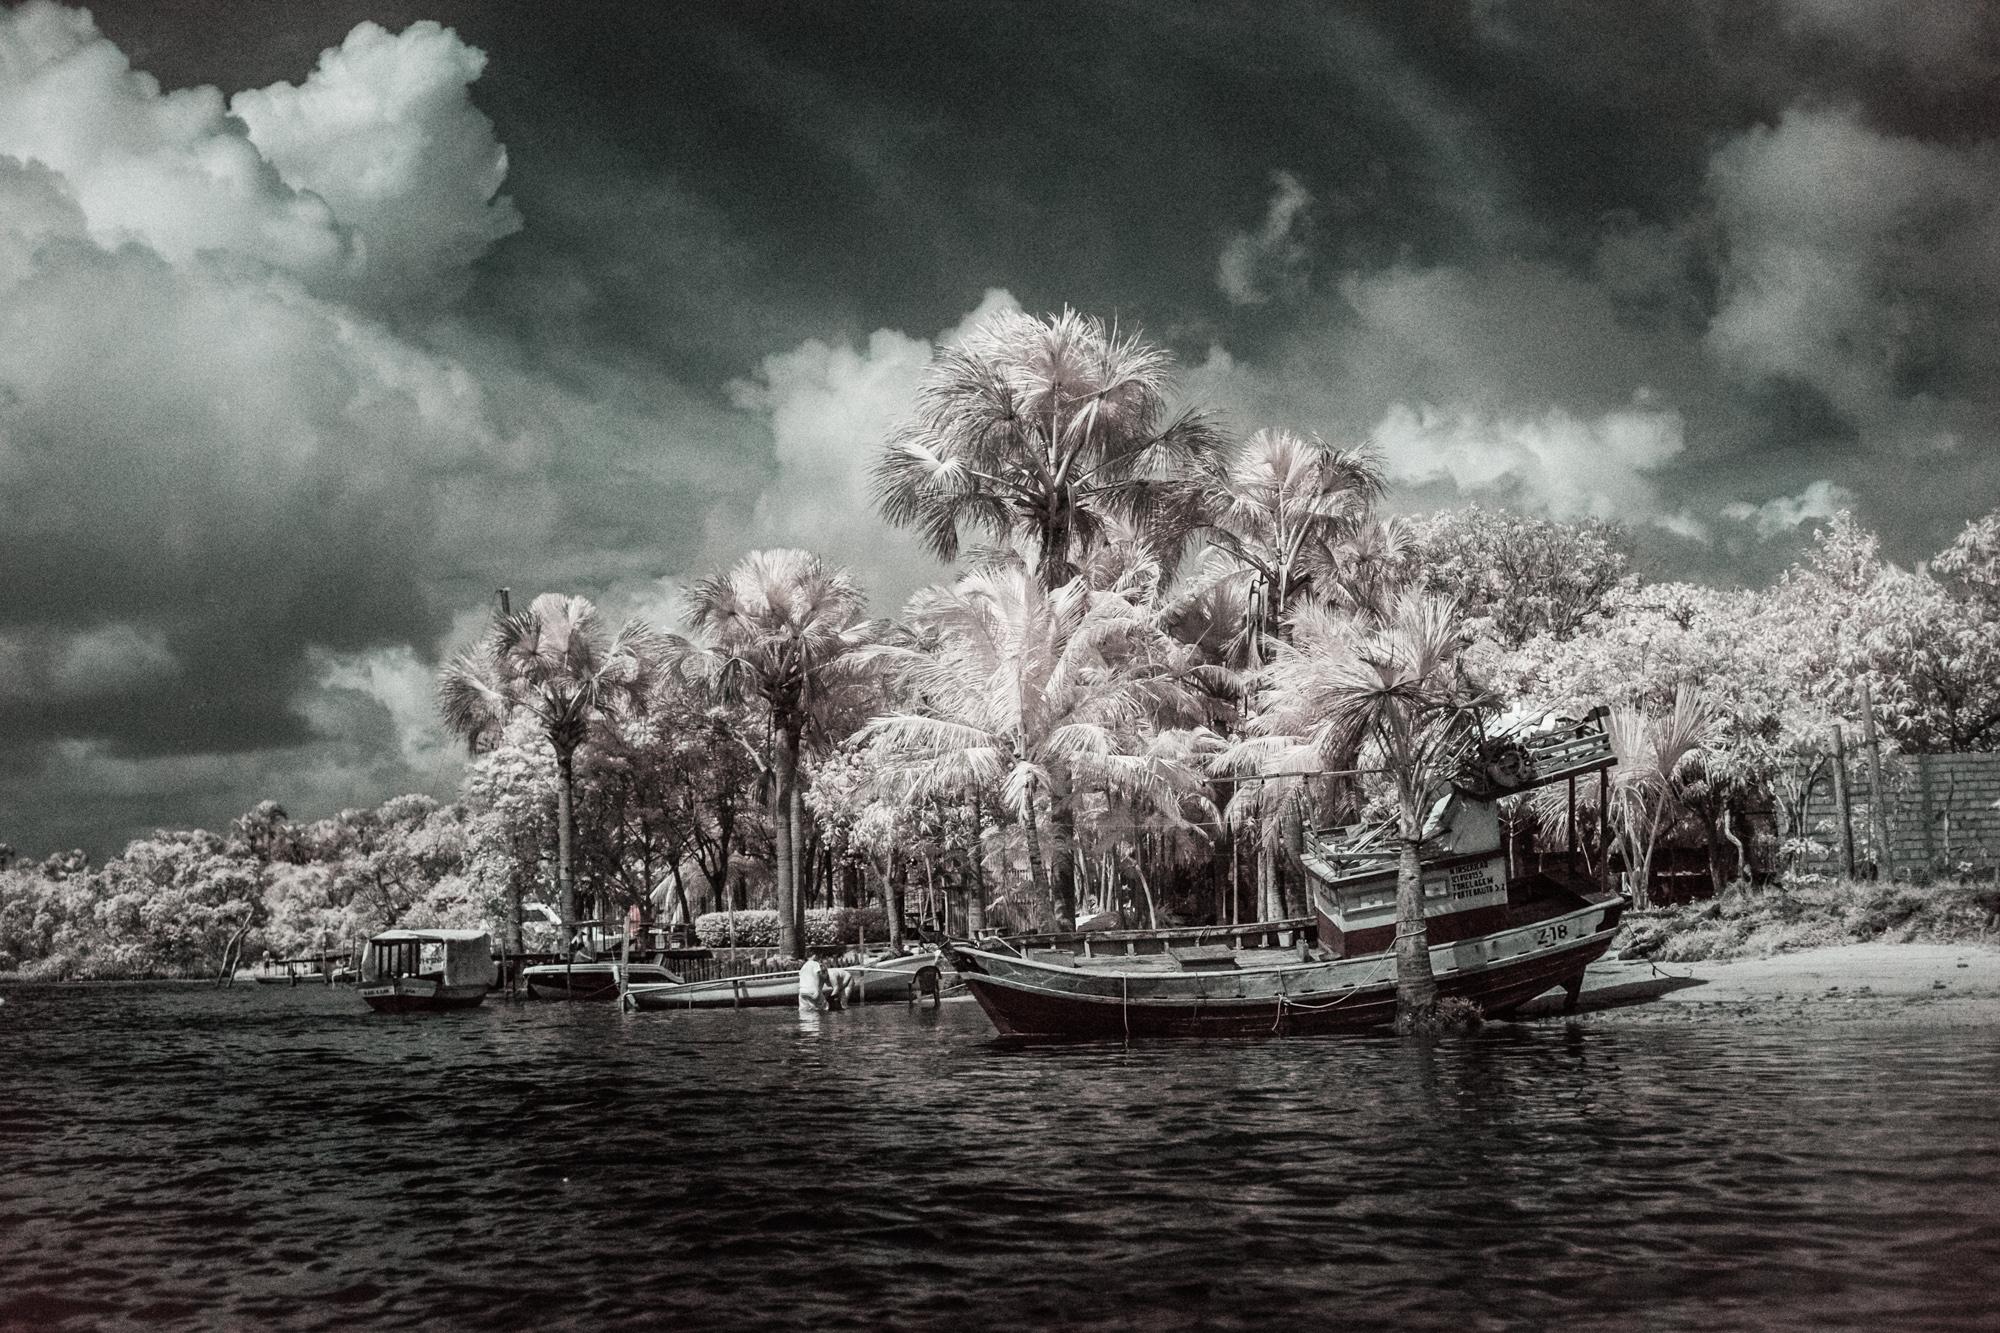 Scott_Myers_Brazil_Infrared--3.jpg